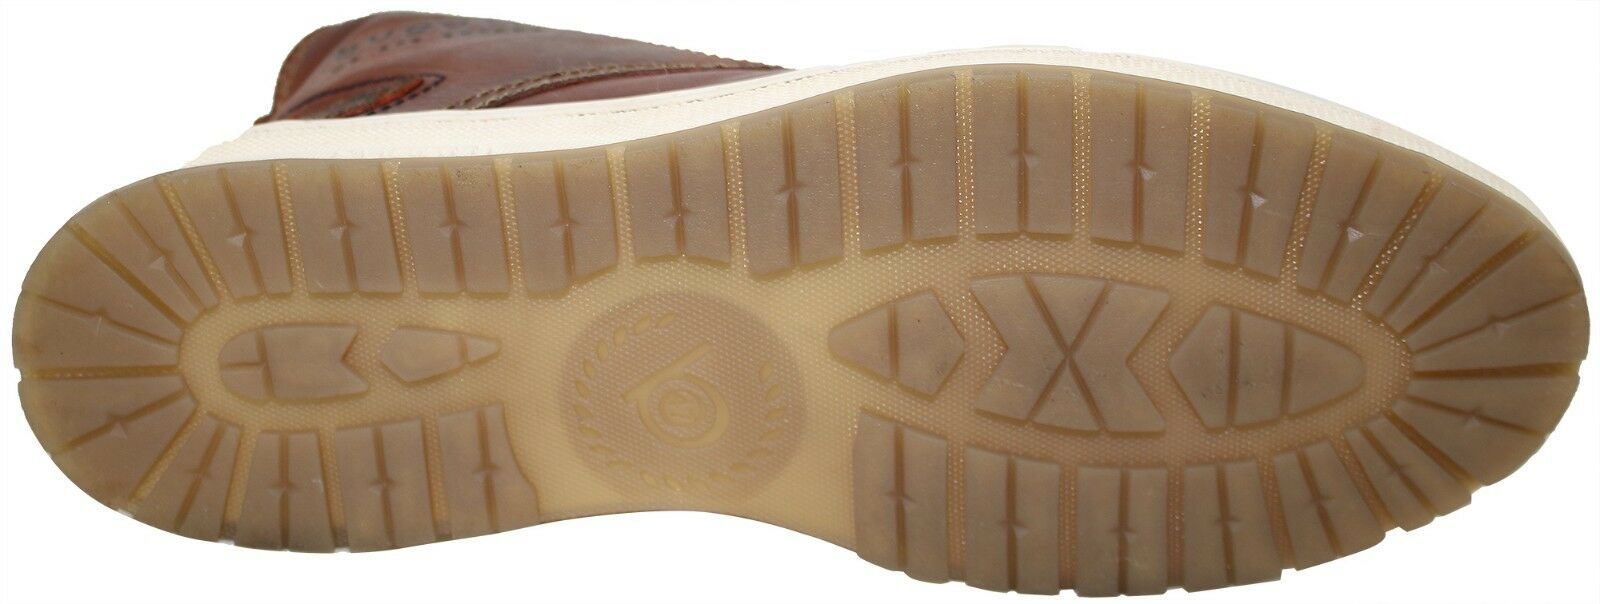 Bugatti Uomo High-Top scarpe da ginnastica ginnastica ginnastica 321-33456-1200-6000 | Grande Svendita  | Uomini/Donna Scarpa  7ac902